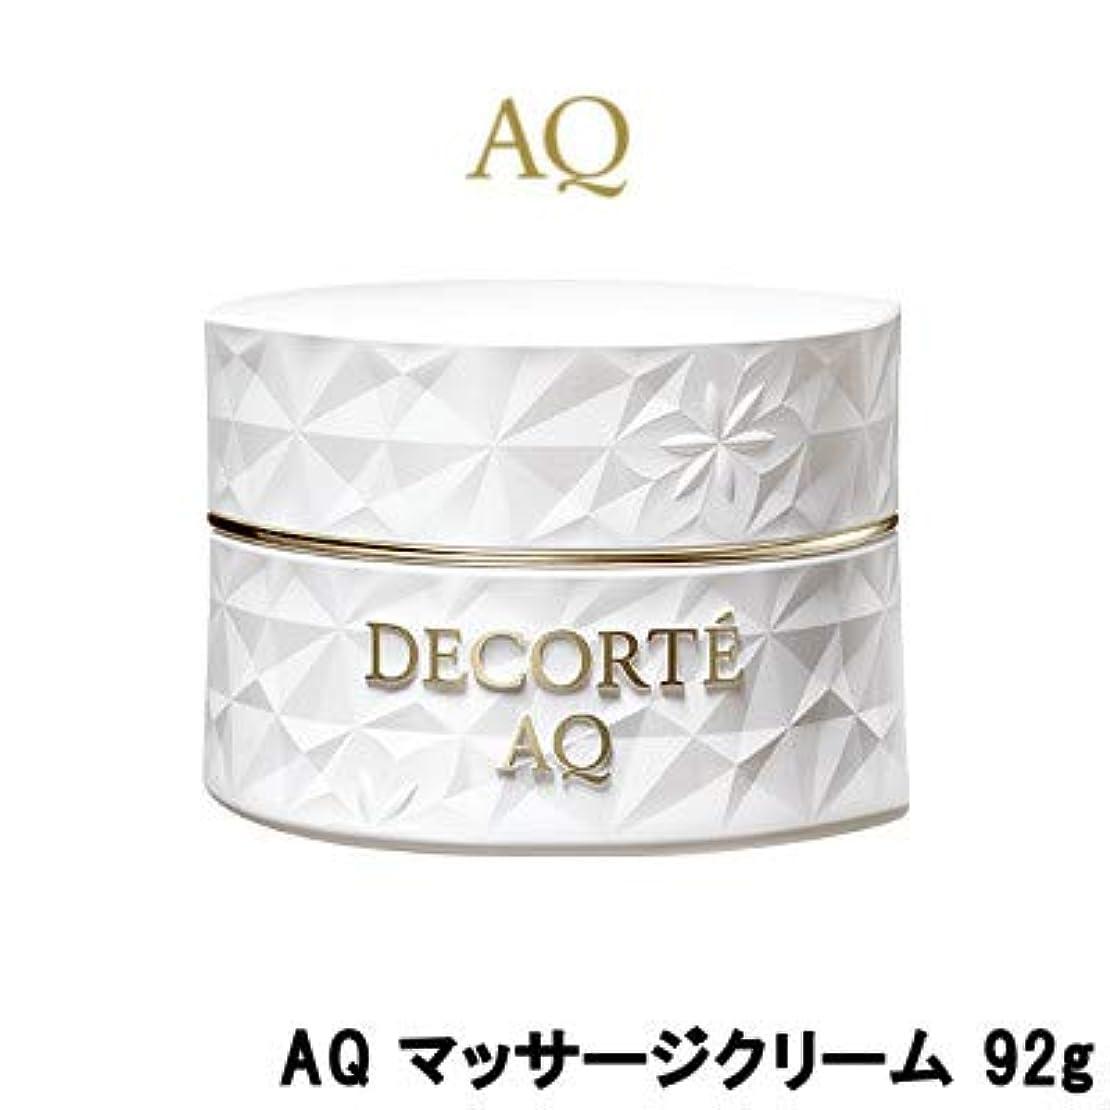 マークされた靴下ダイエットコスメデコルテ AQ マッサージクリーム(92g)